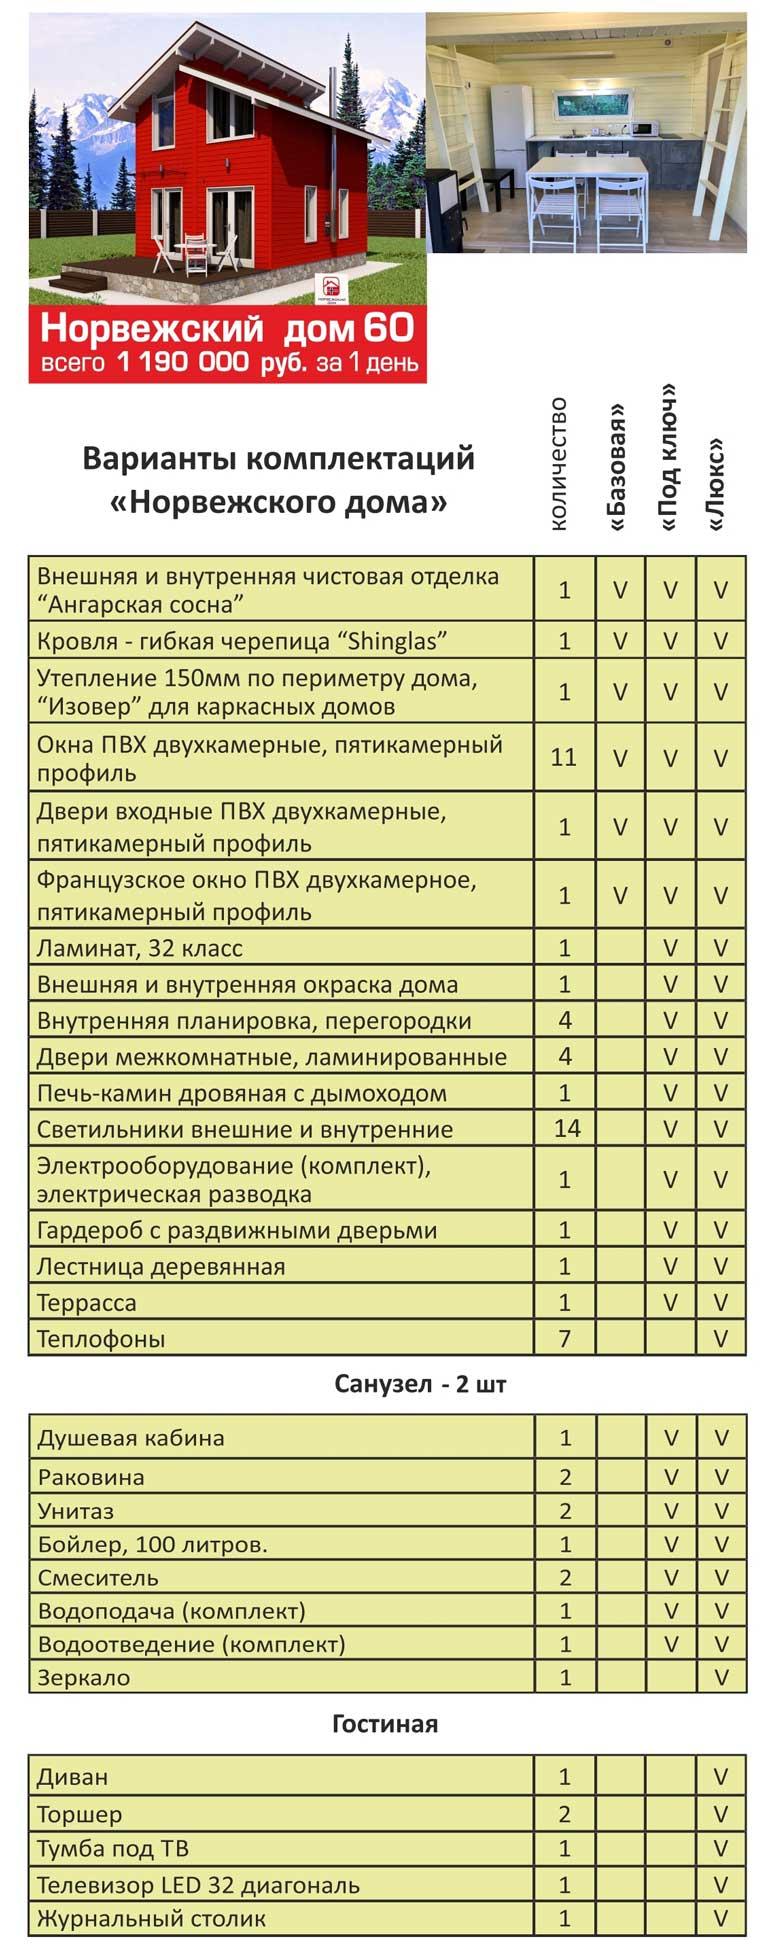 norvezhskiy-dom-60-skandis-v-kurske